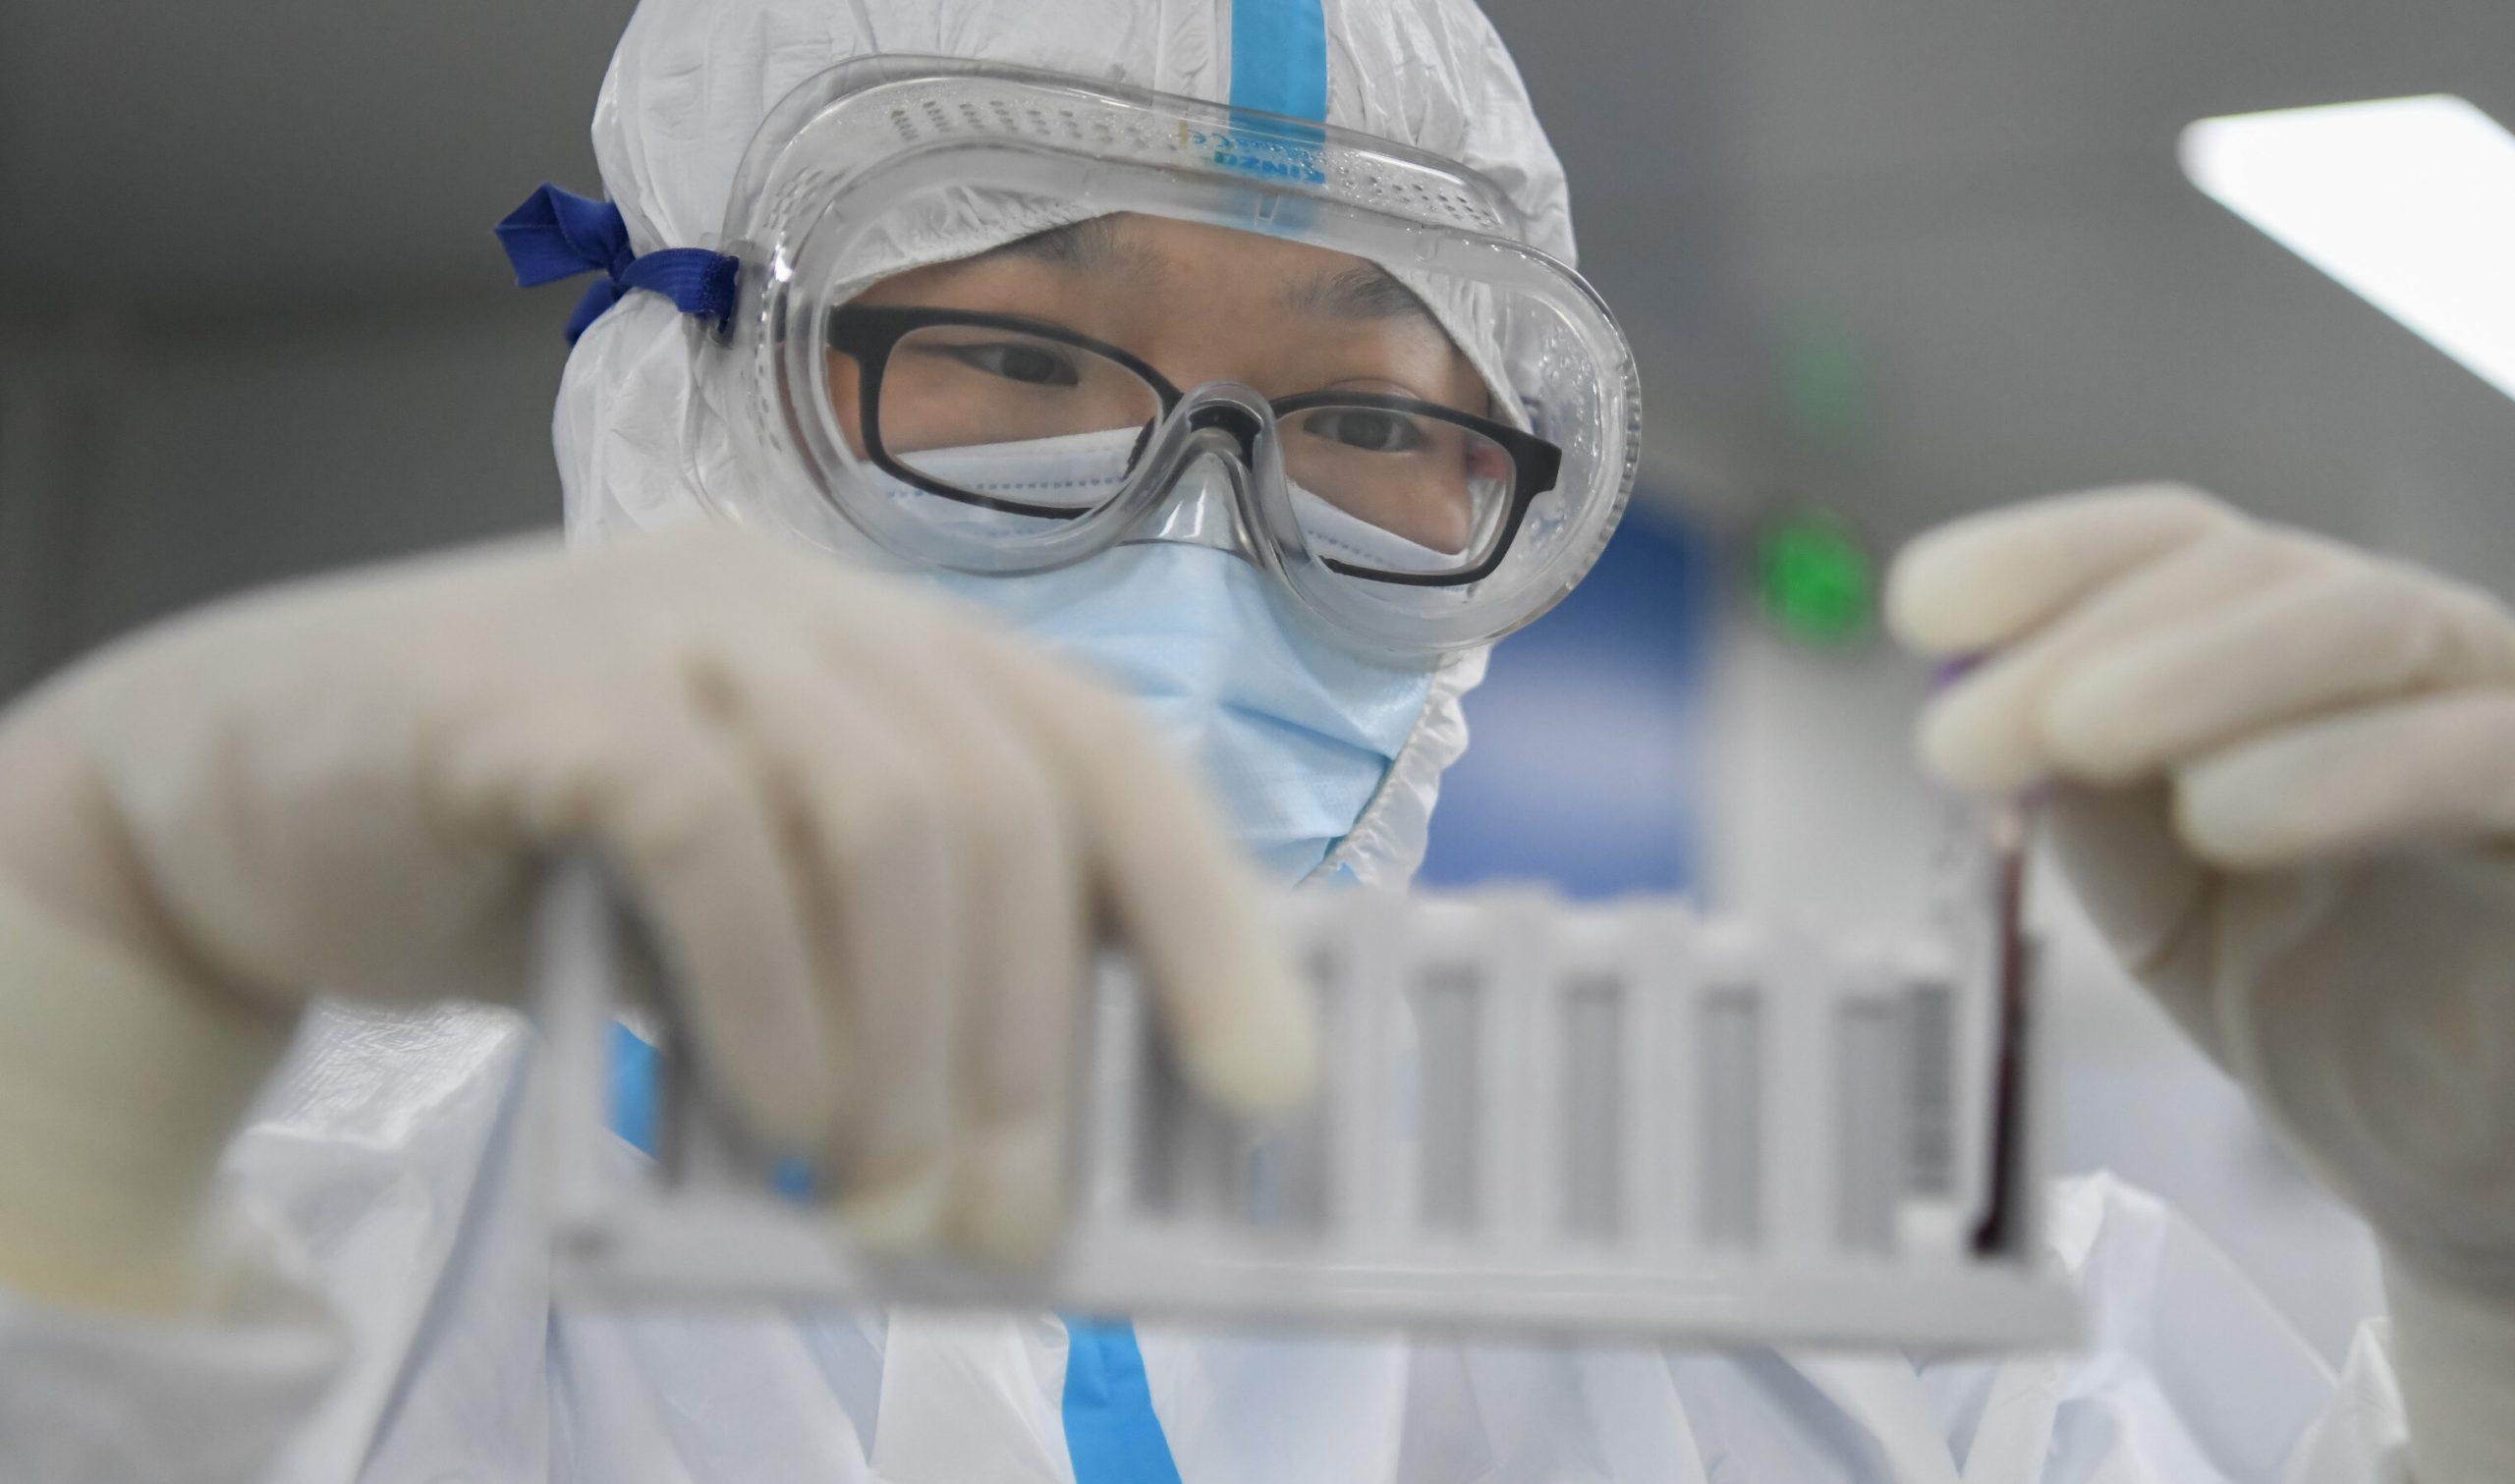 Cercetătorii din Wuhan plănuiau să infecteze liliecii din peșteri cu coronavirusuri modificate, cu 18 luni înainte de izbucnirea epidemiei Covid